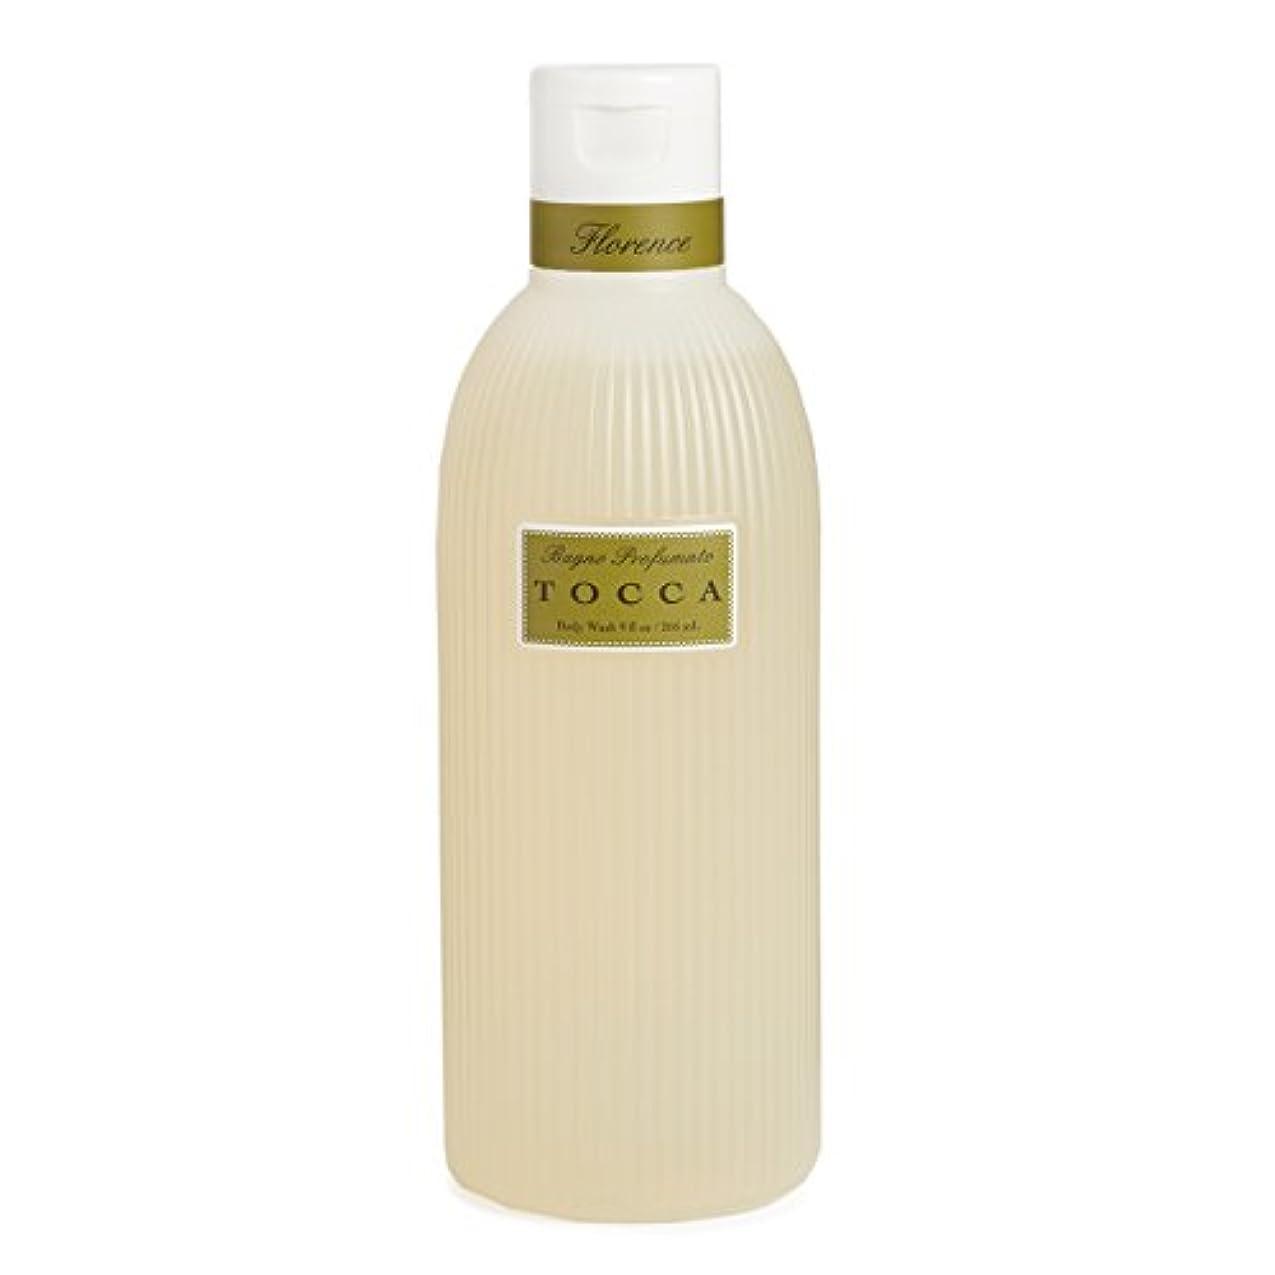 識別セーブアナリストトッカ(TOCCA) ボディーケアウォッシュ フローレンスの香り 266ml(全身用洗浄料 ボディーソープ ガーデニアとベルガモットが誘うように溶け合うどこまでも上品なフローラルの香り)